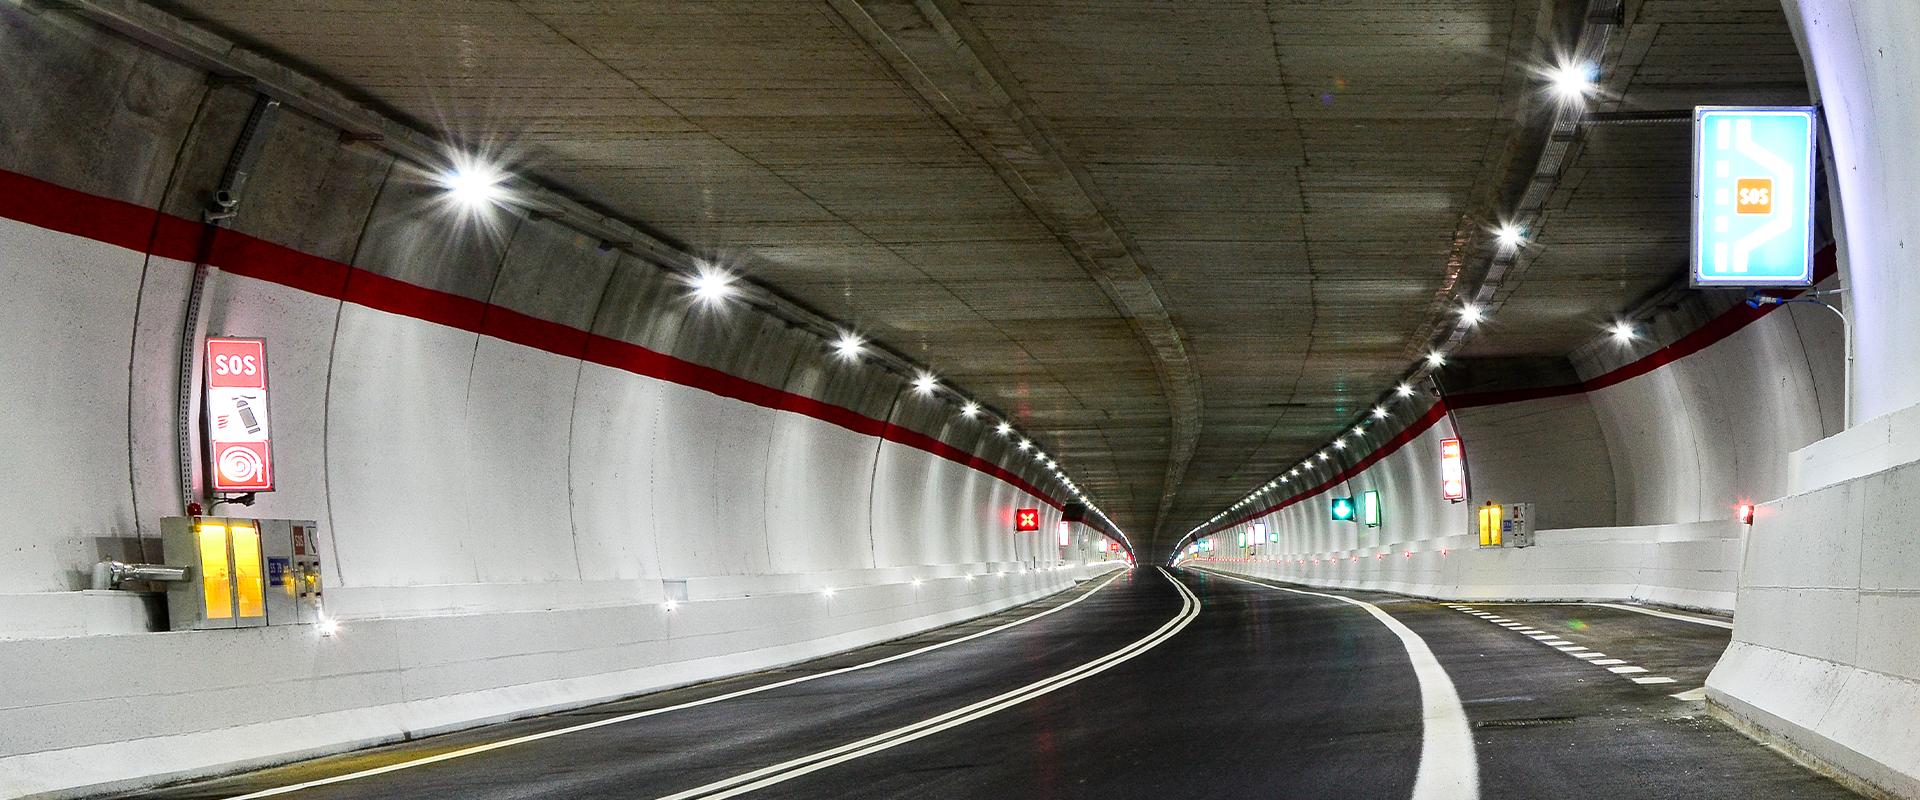 Faro stradale per illuminazione pubblica